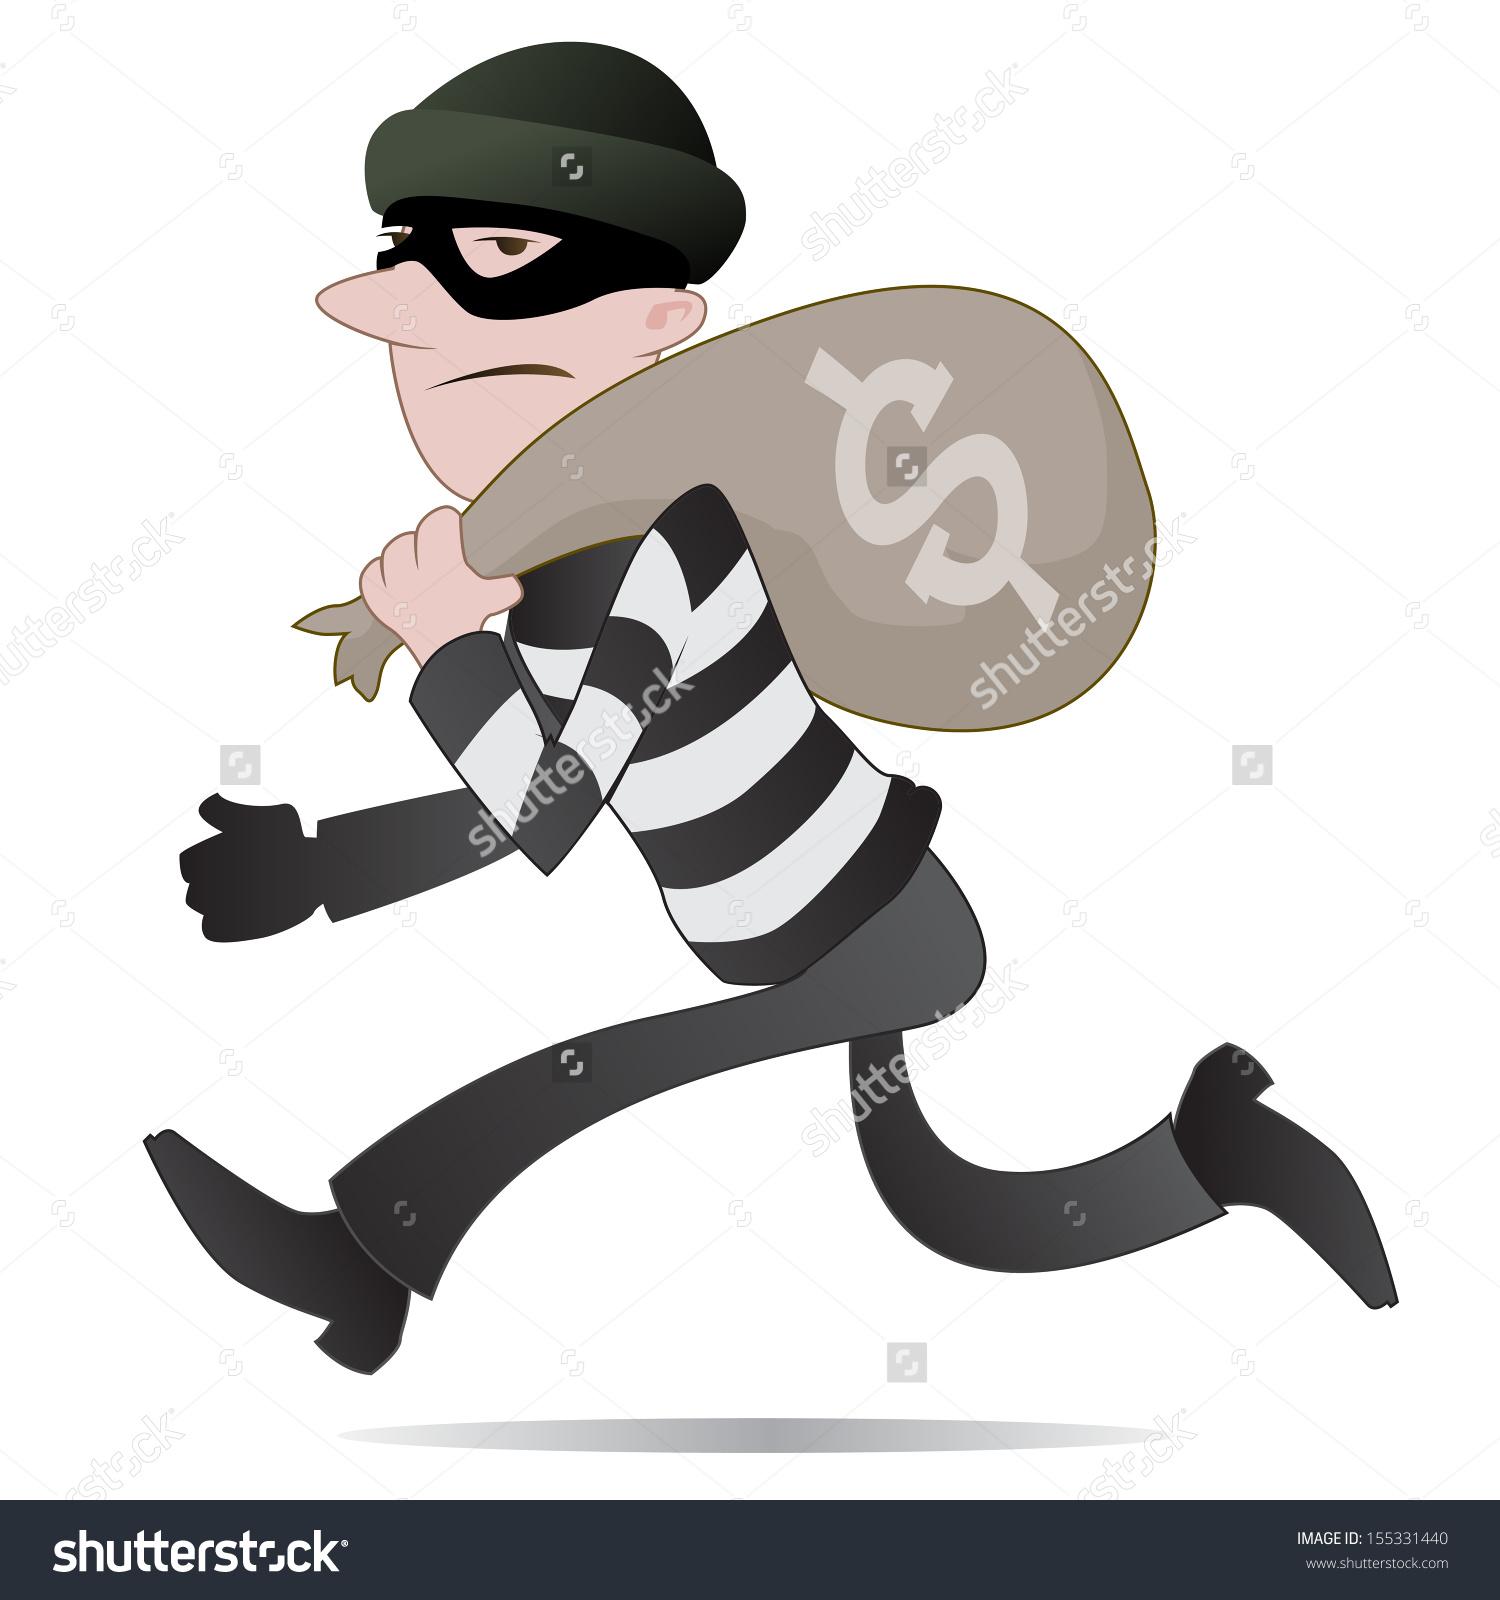 Running . Burglar clipart black and white